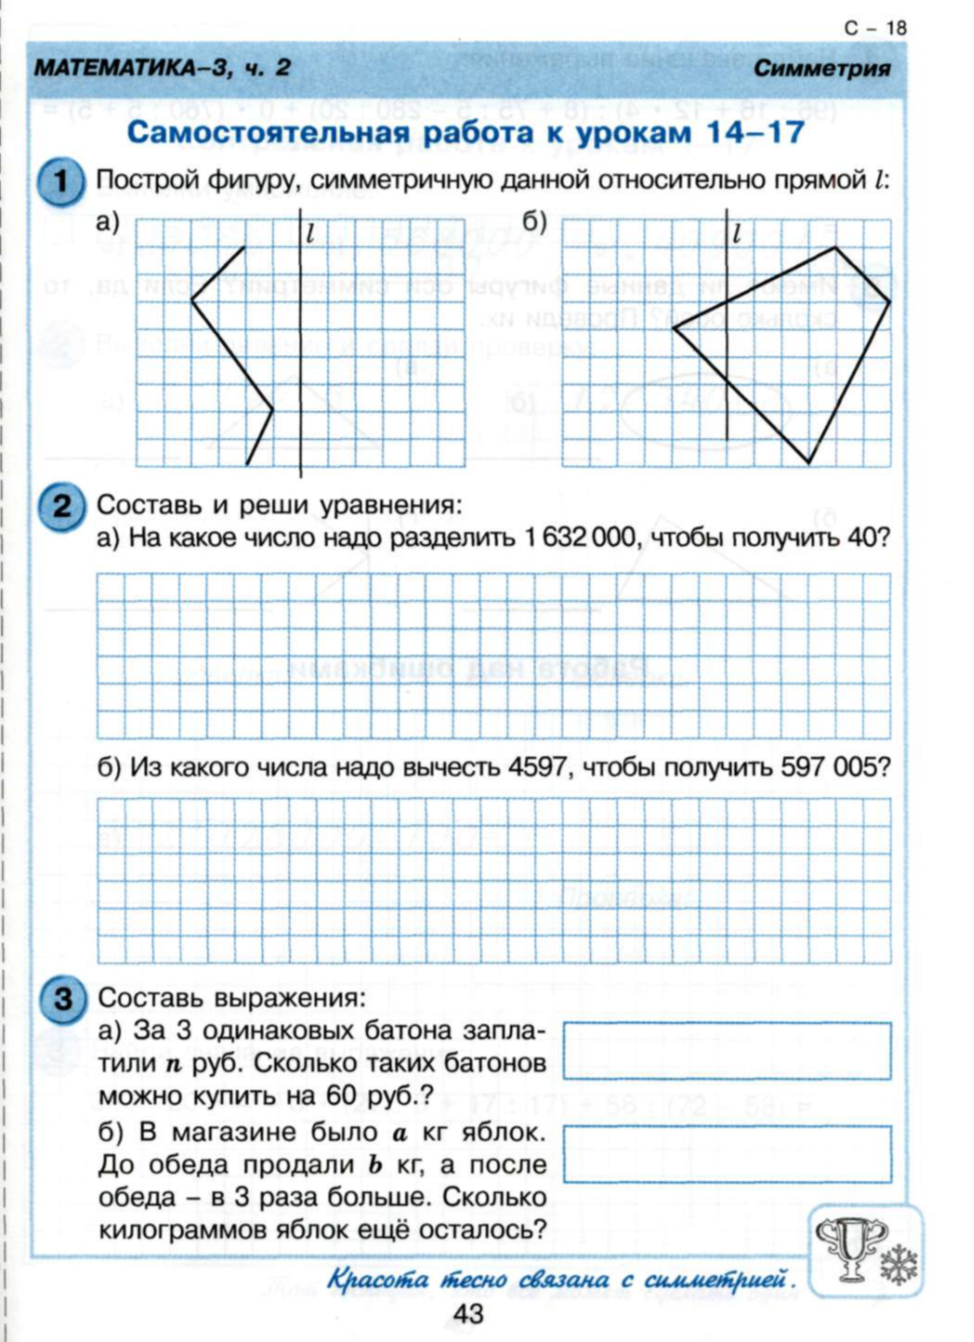 Завуч.ру.контрольная работа по математике 2 класс умк перспектива петерсон за первое полугодие